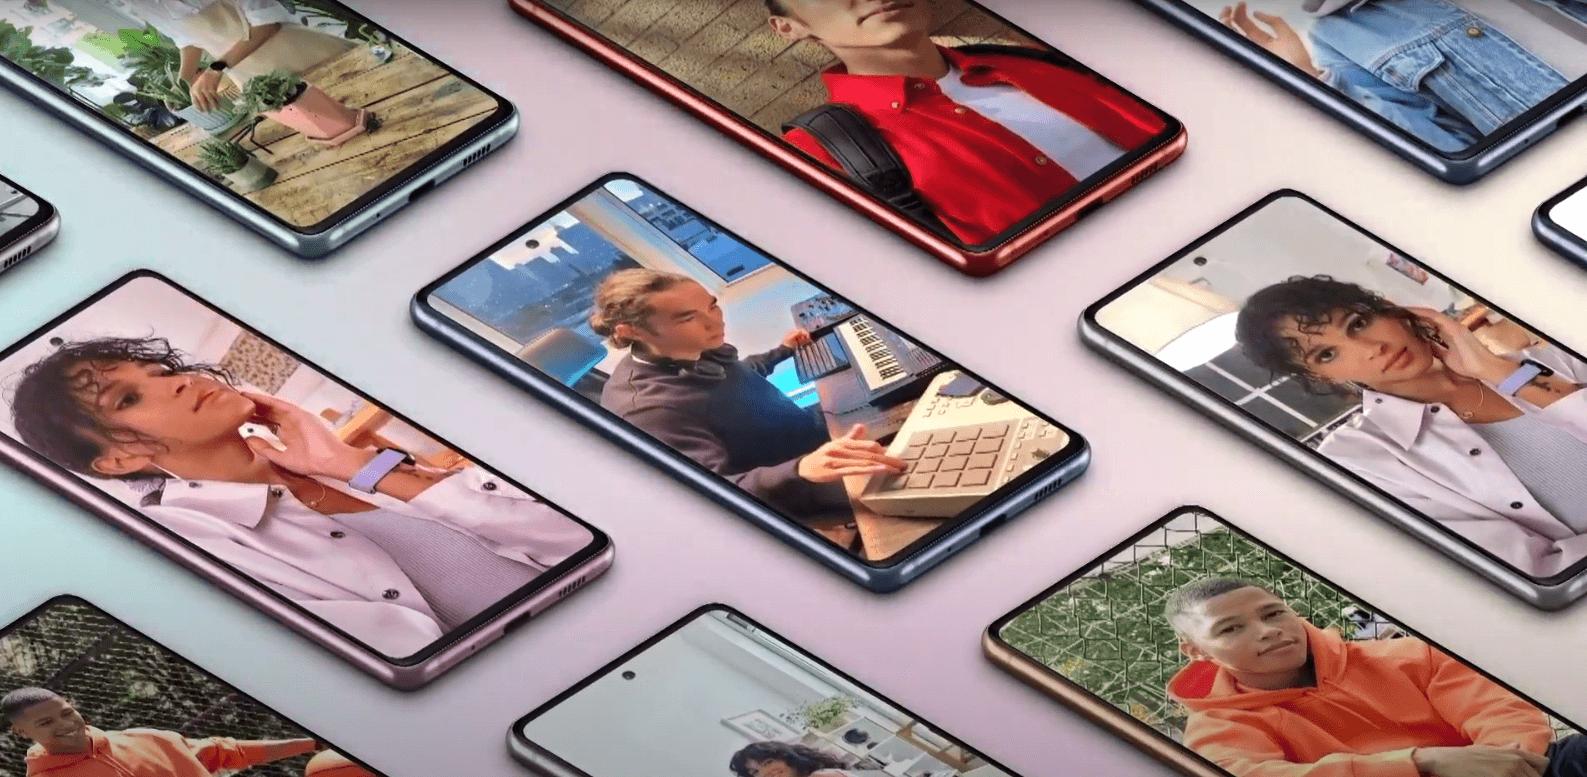 Samsung Galaxy S20 FE med 4500 mAh batteri, Snapdragon 865 SoC lanserades: Pris, specifikationer